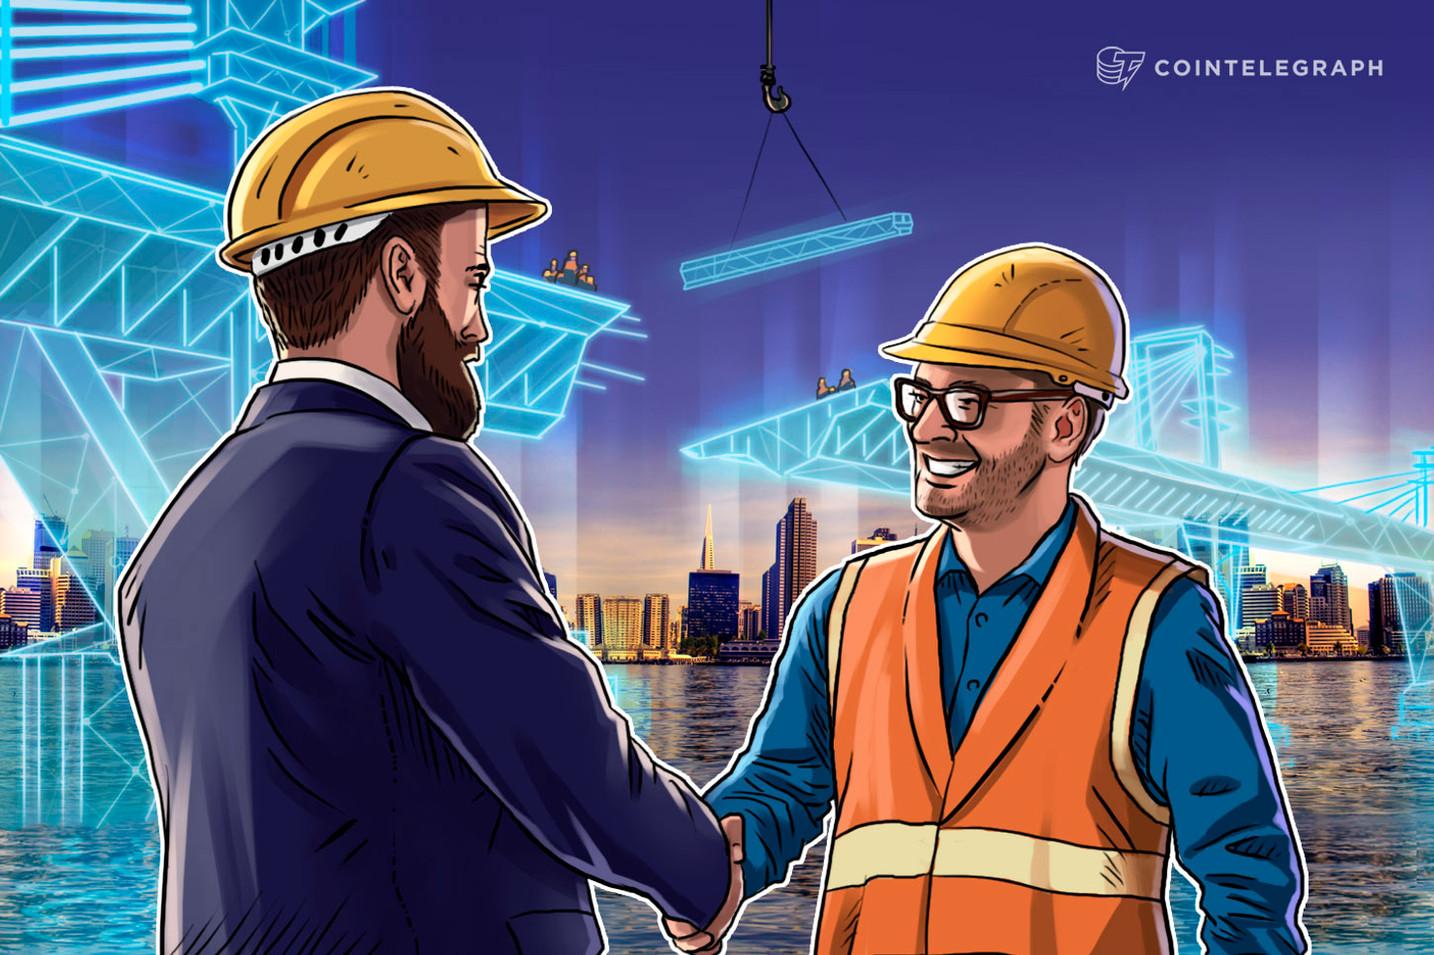 Principales proyectos de inversión tokenizados con mayor posibilidad de éxito después del Covid19